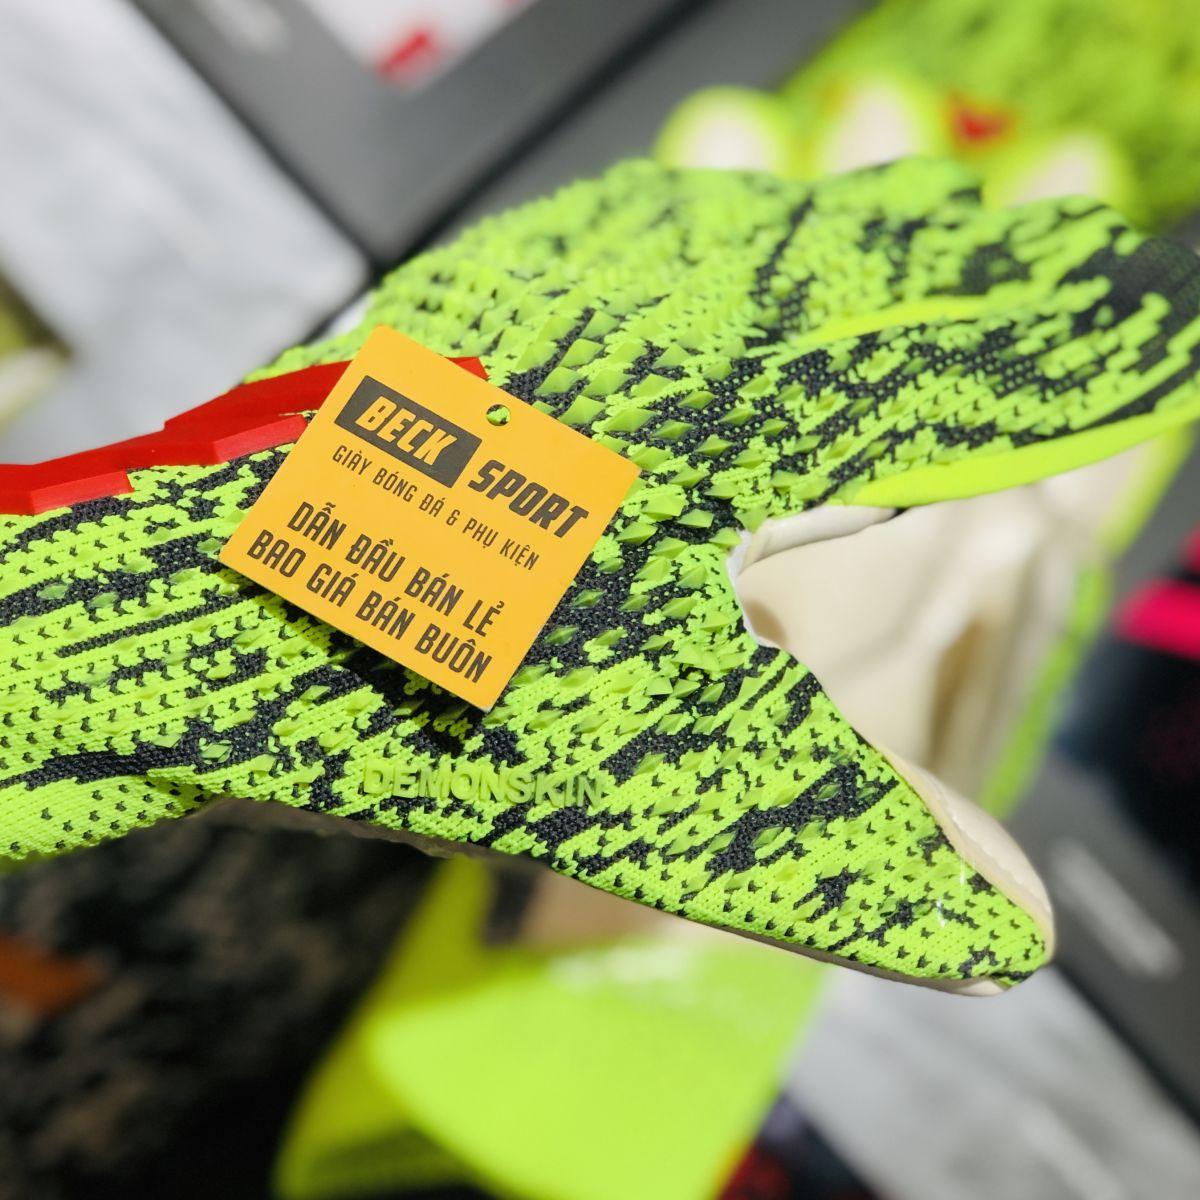 Găng Tay Adidas Predator 20 Pro PC Xanh Lá Vạch Đỏ V2 ( Không Xương )